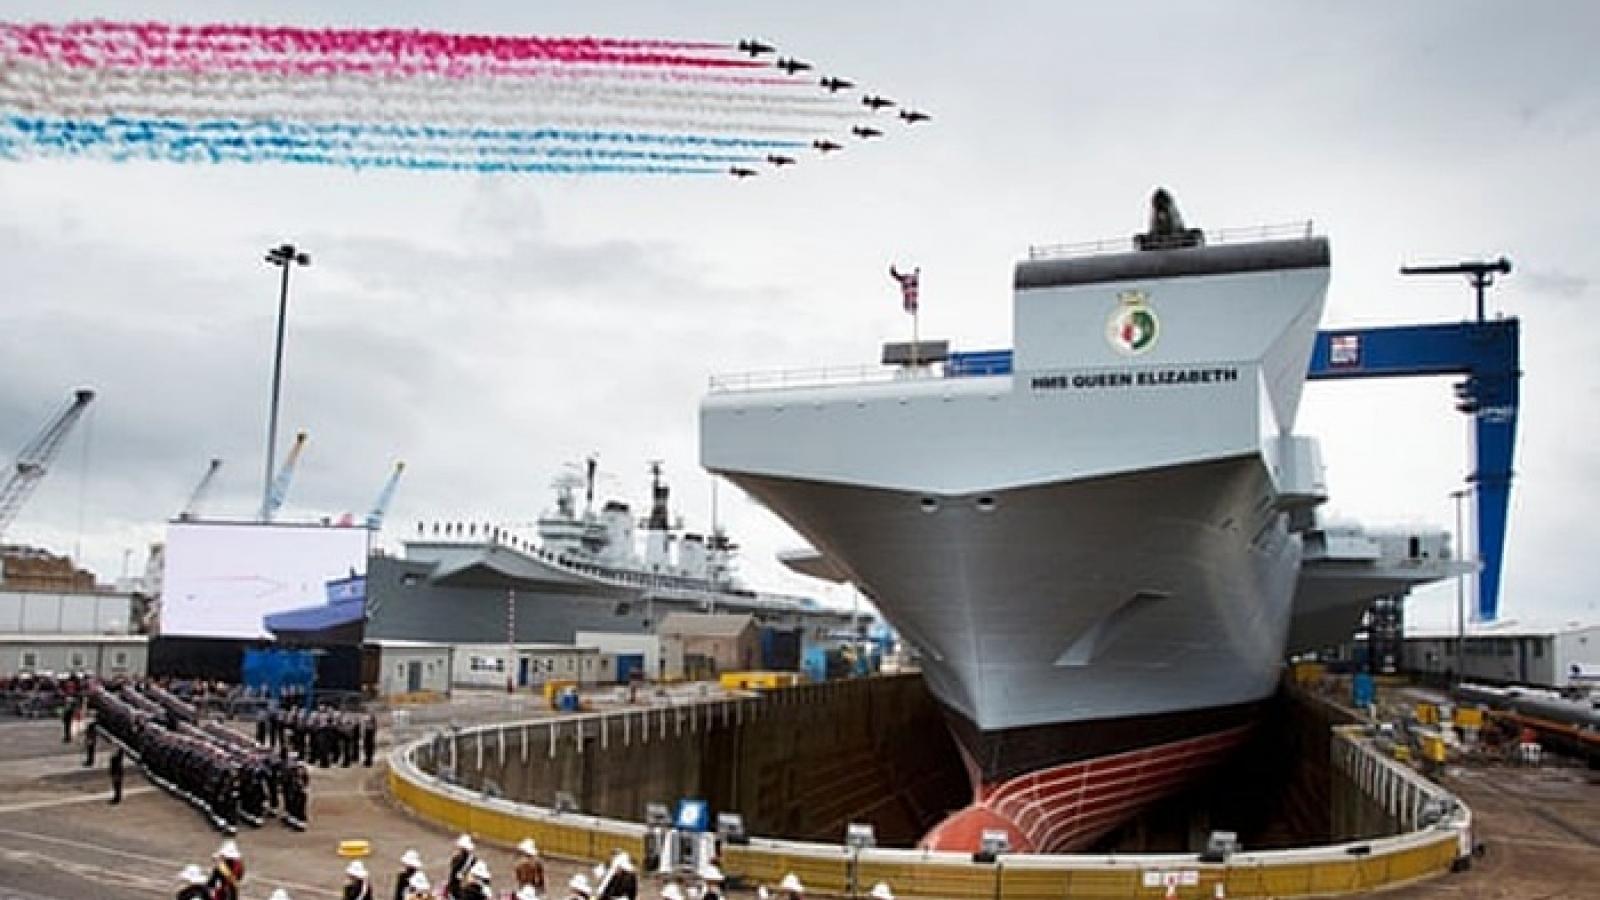 Anh tăng ngân sách quốc phòng, tham vọng khôi phục hải quân mạnh nhất châu Âu